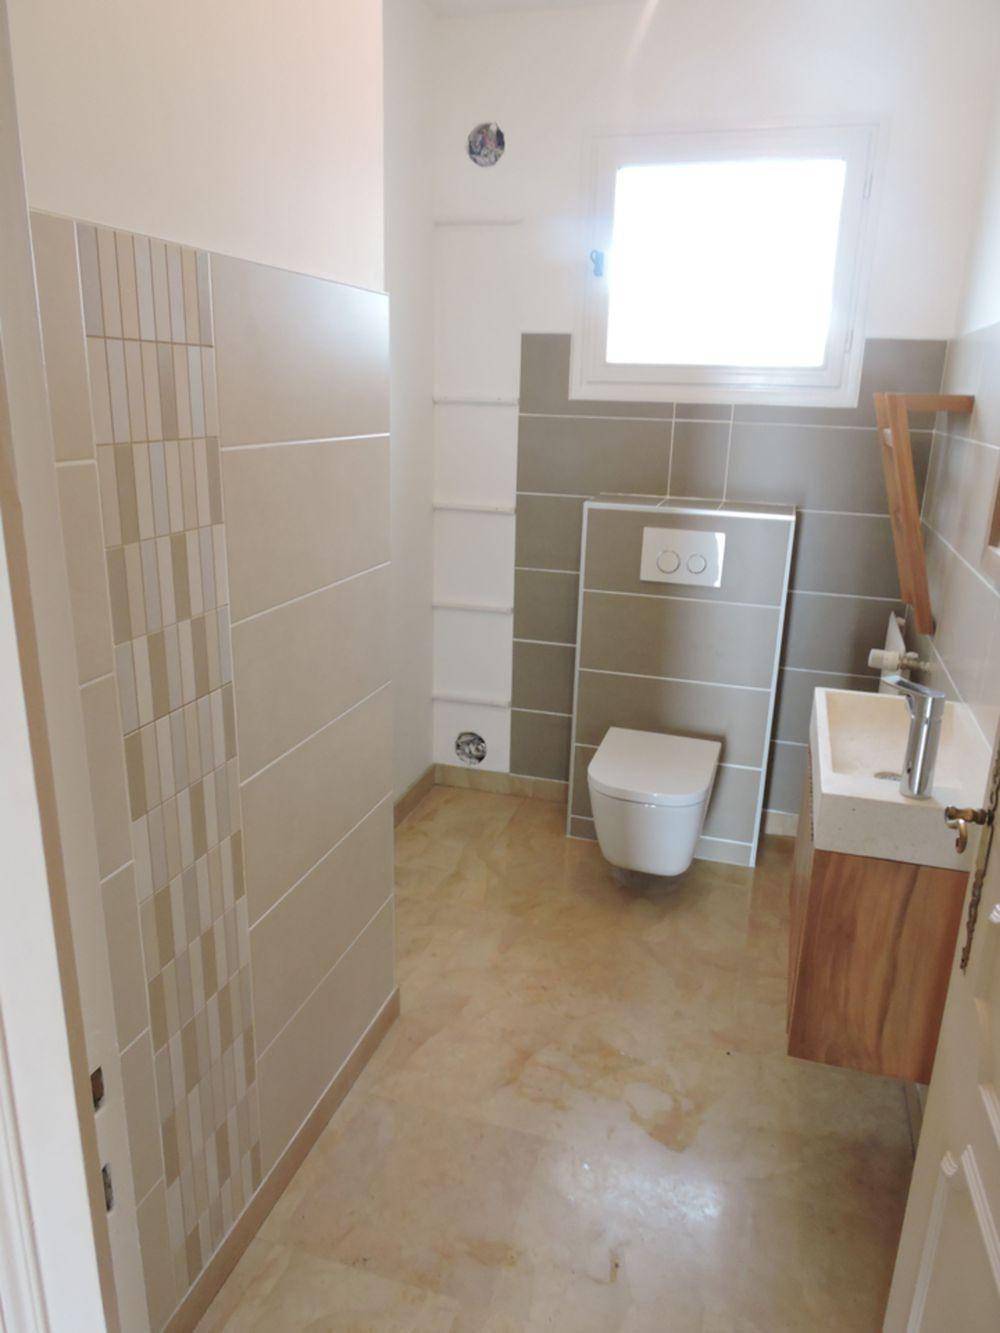 Rénovation de toilettes sur Rives - A Demeure Services - Izeaux 38